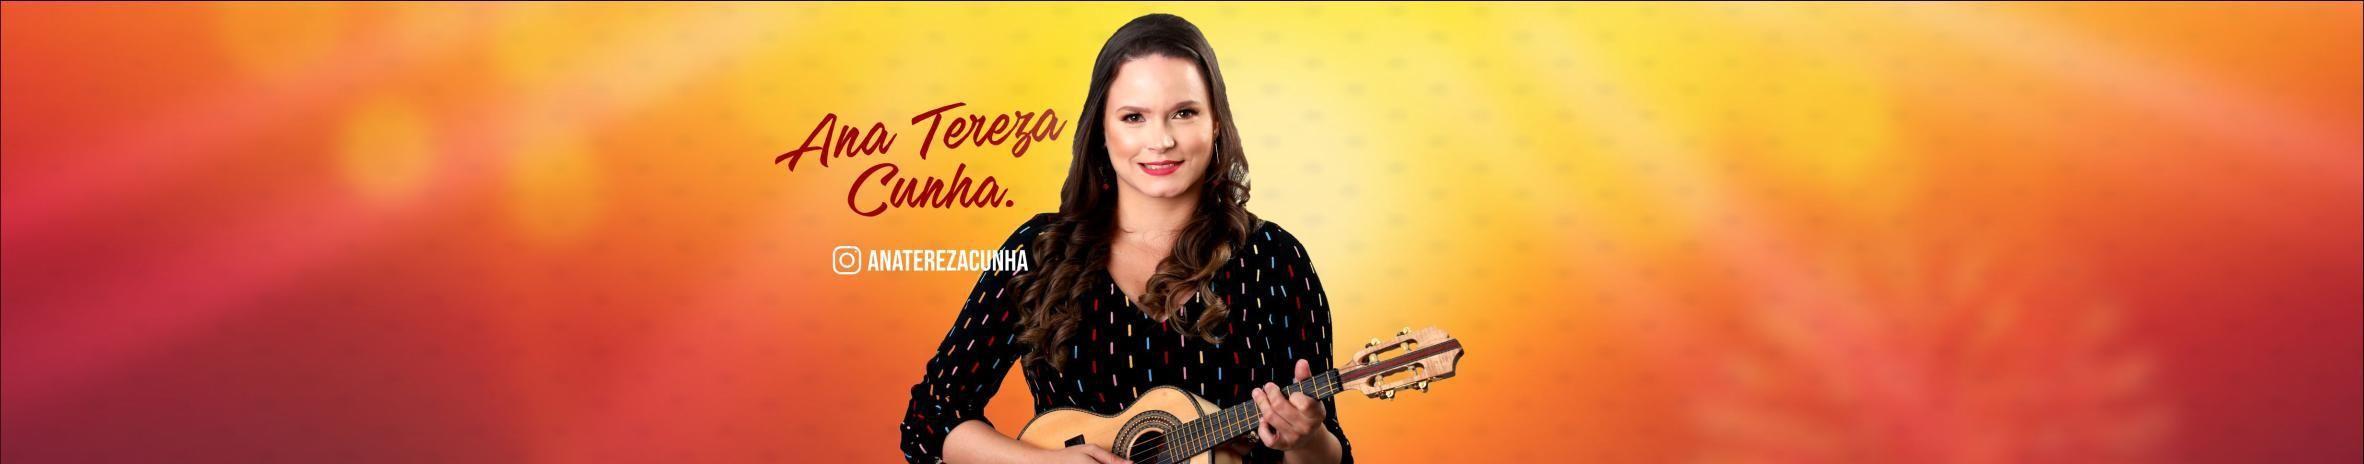 Imagem de capa de Ana Tereza Cunha